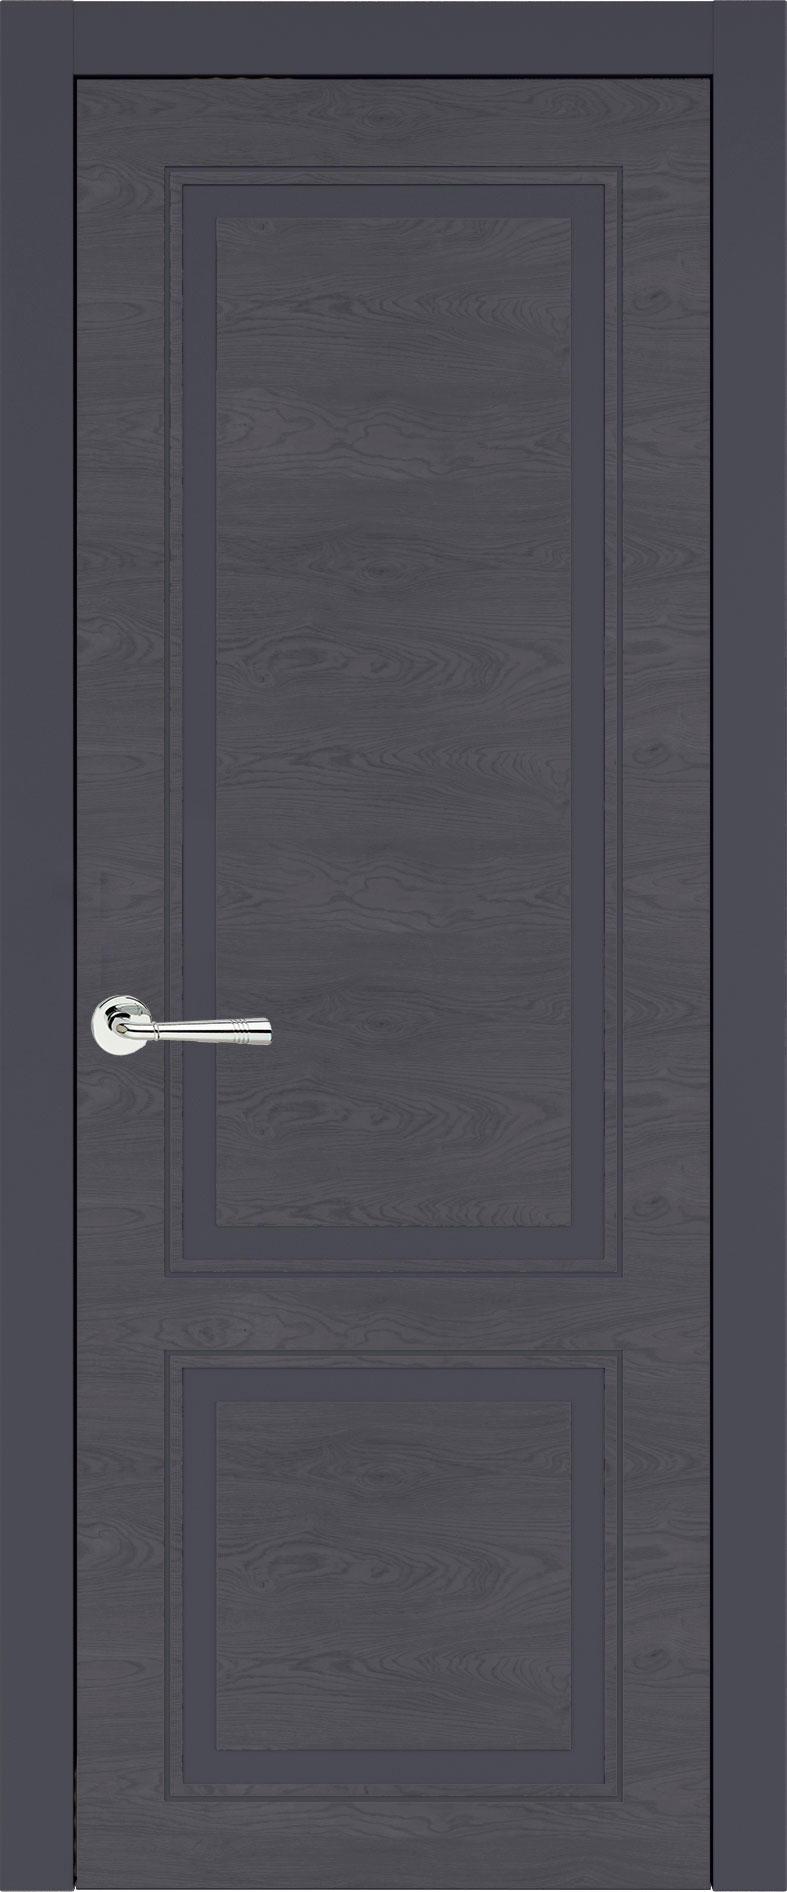 Dinastia Neo Classic цвет - Графитово-серая эмаль по шпону (RAL 7024) Без стекла (ДГ)